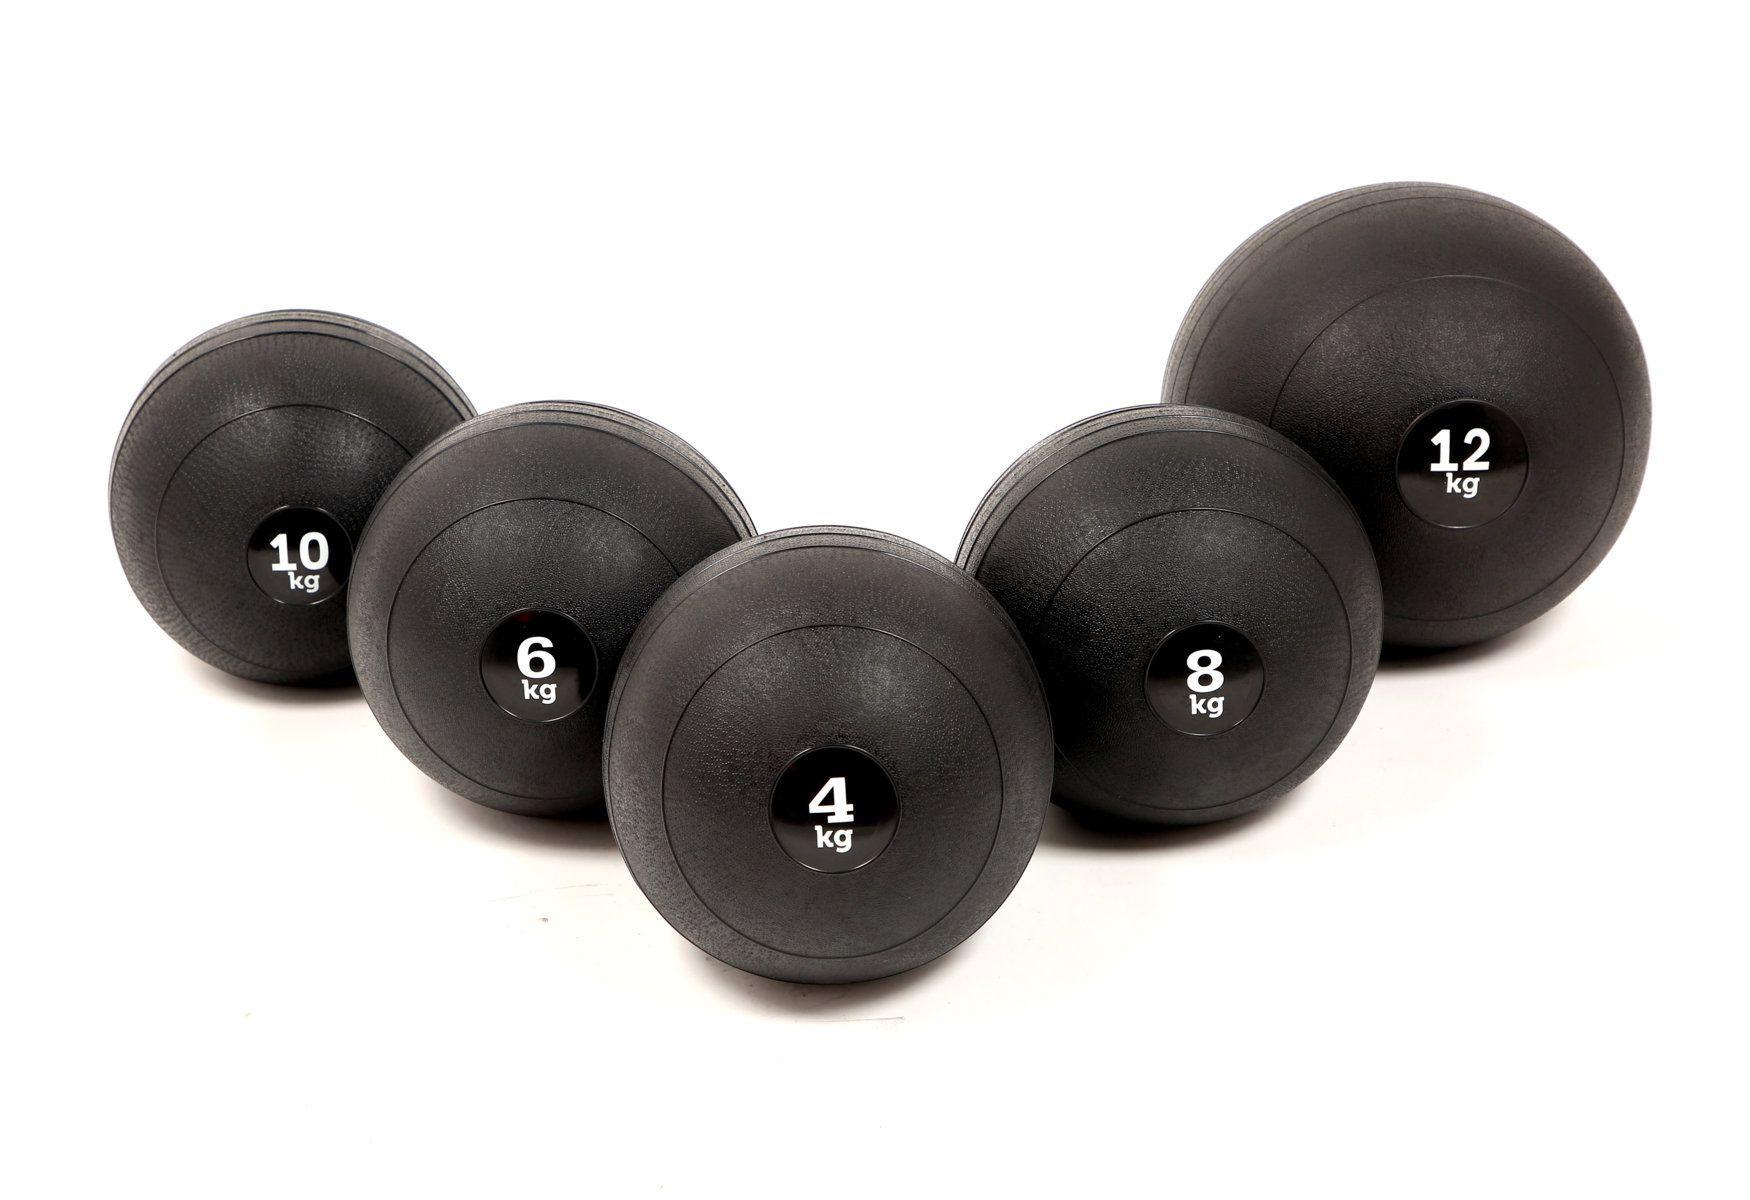 Kit 5 Slam Ball (4kg, 6k, 8kg, 10kg e 12kg)